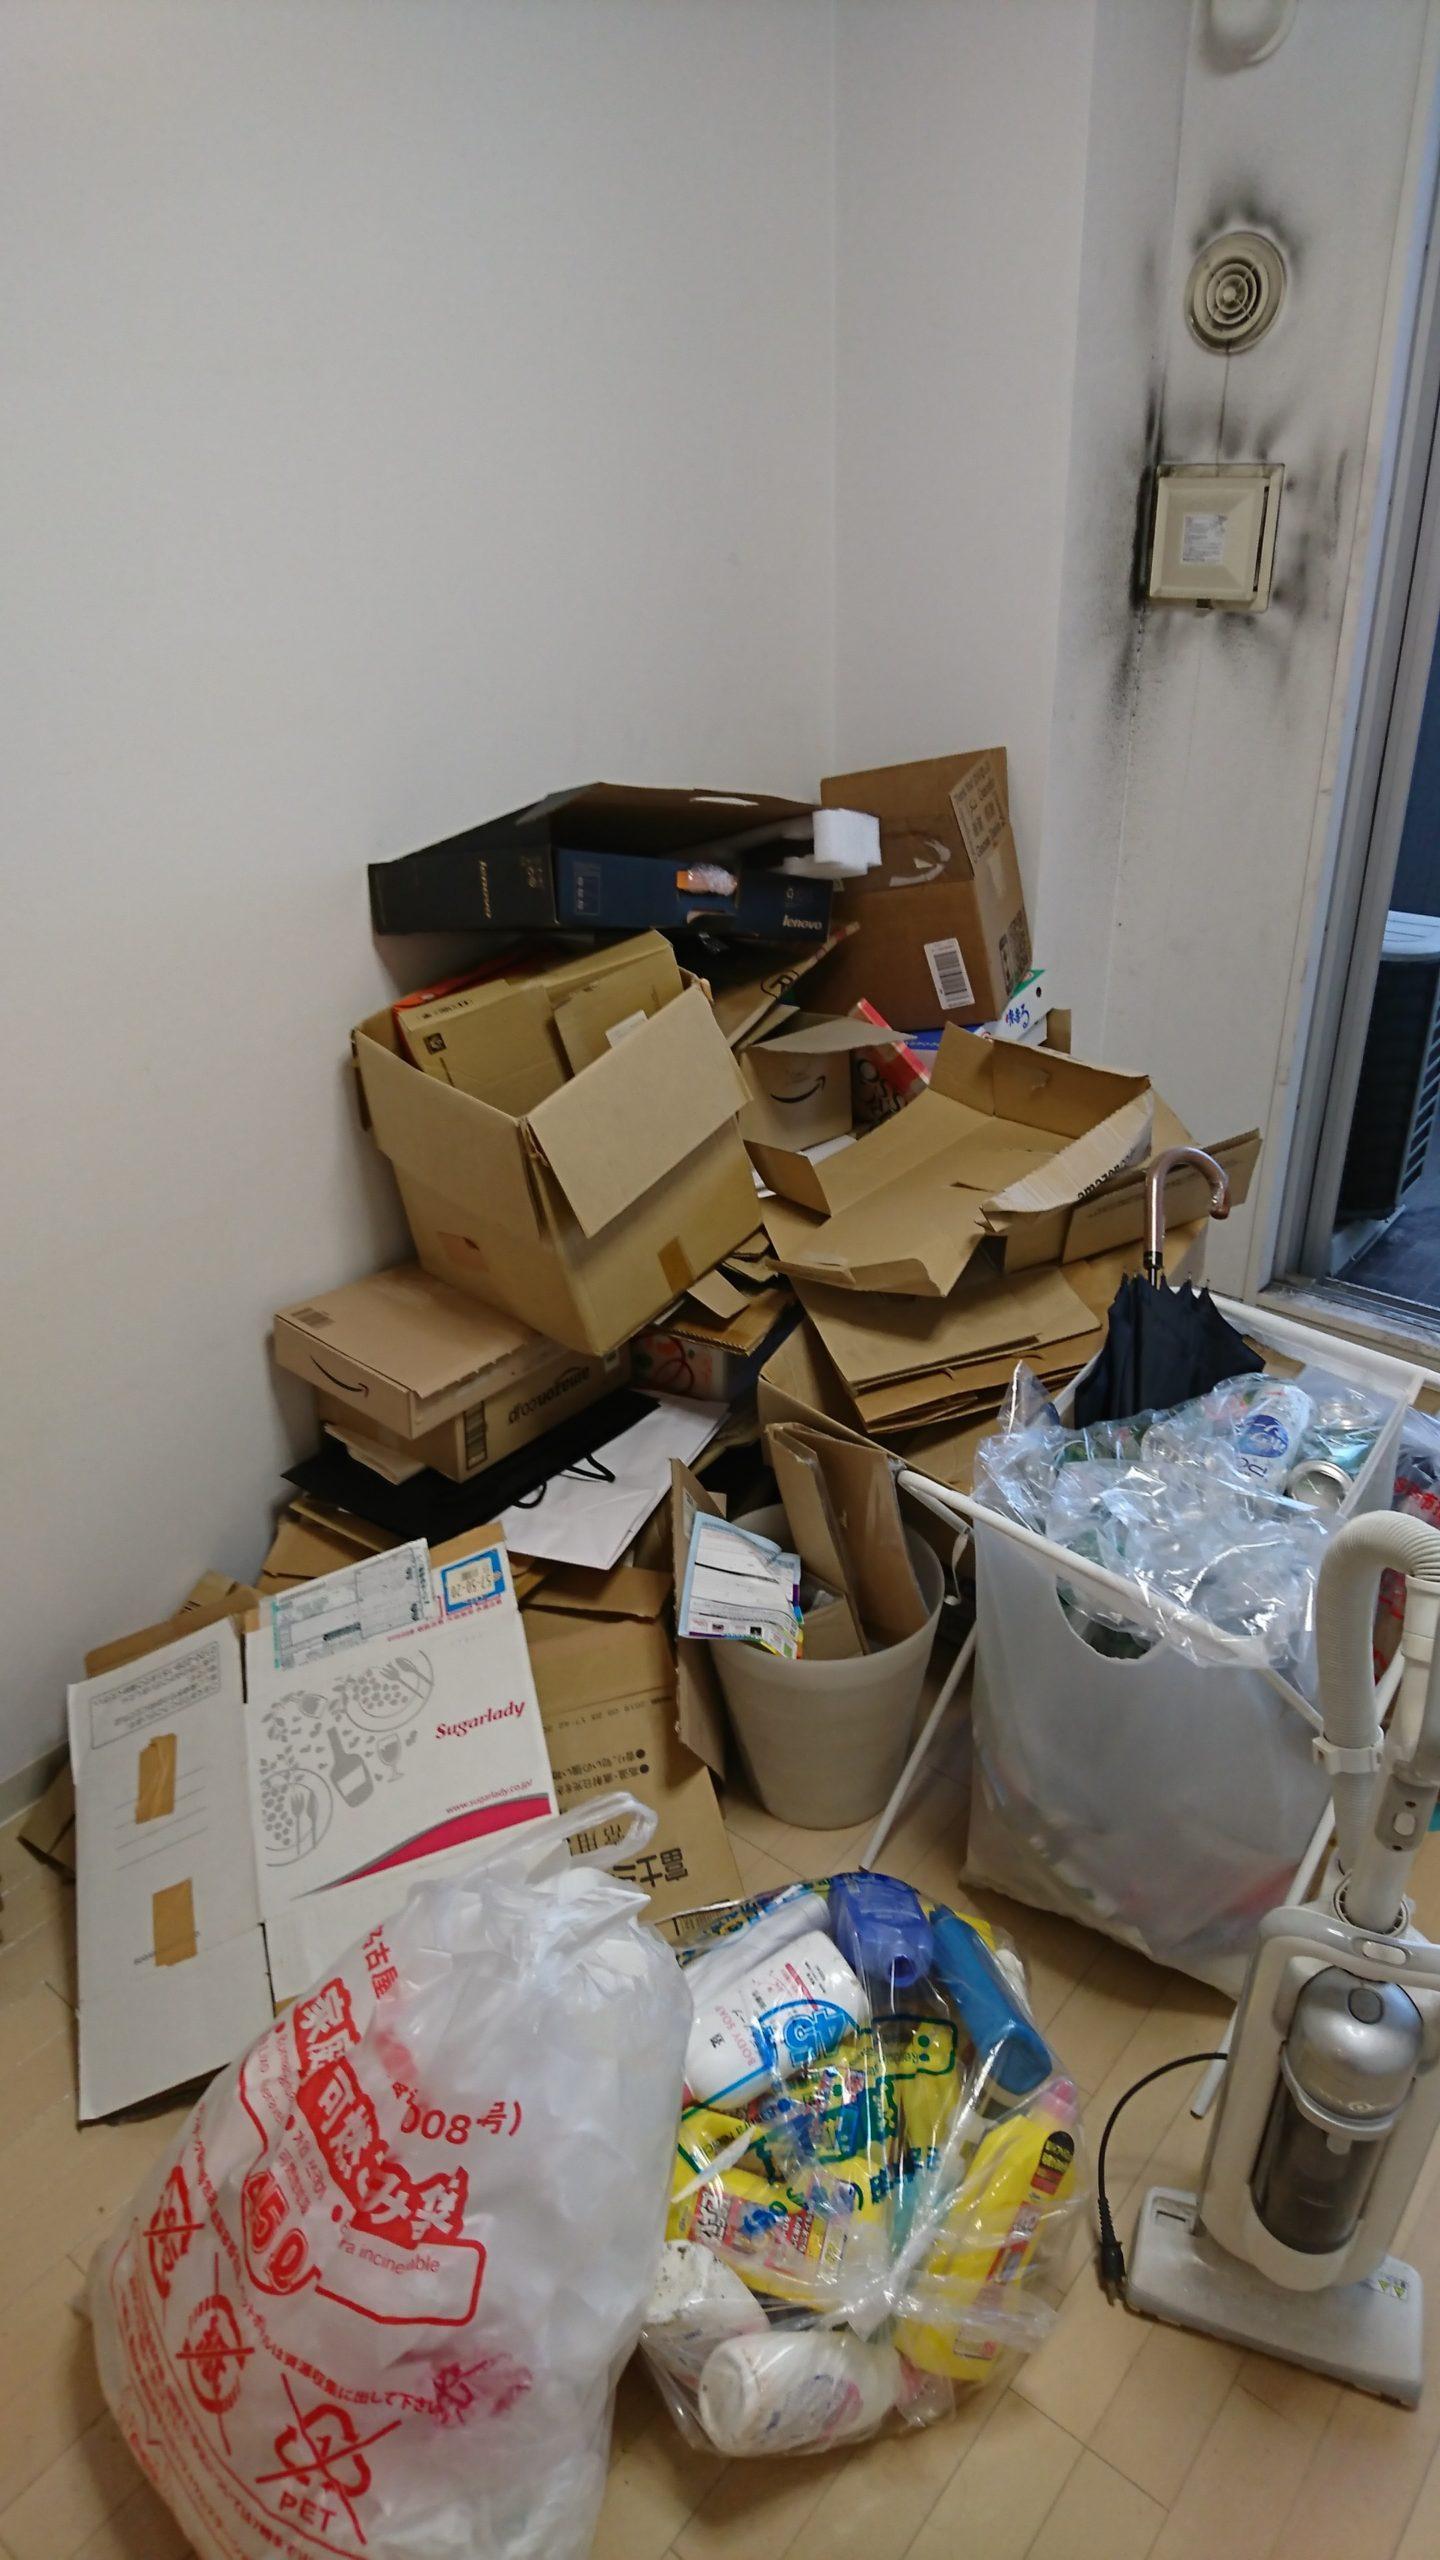 【愛知県名古屋市西区】引っ越しに伴う不用品の出張回収